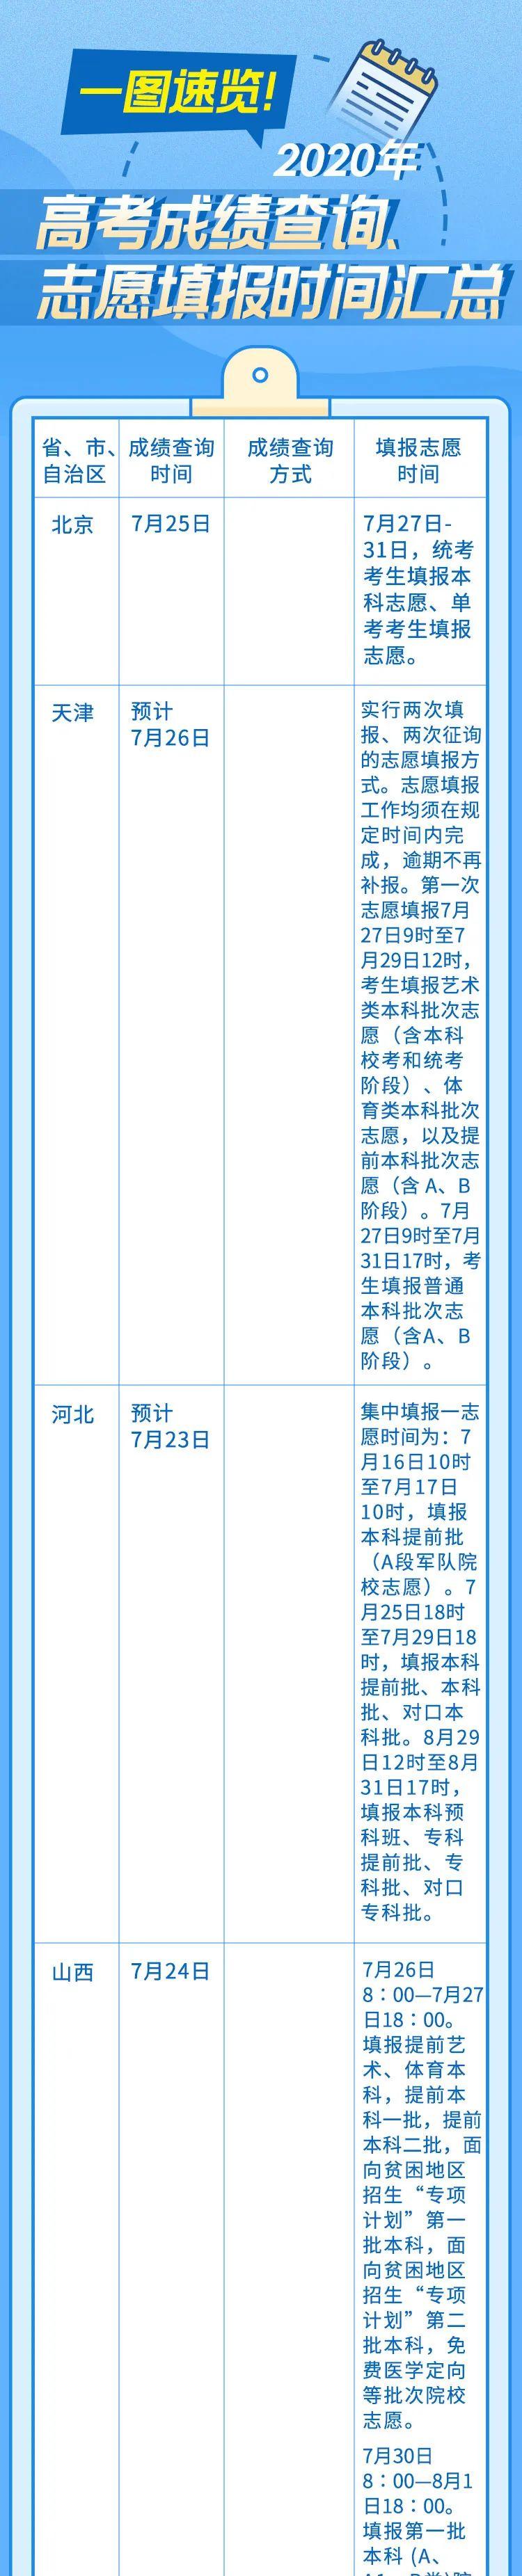 来了!最新各地高考查分、报志愿时间表